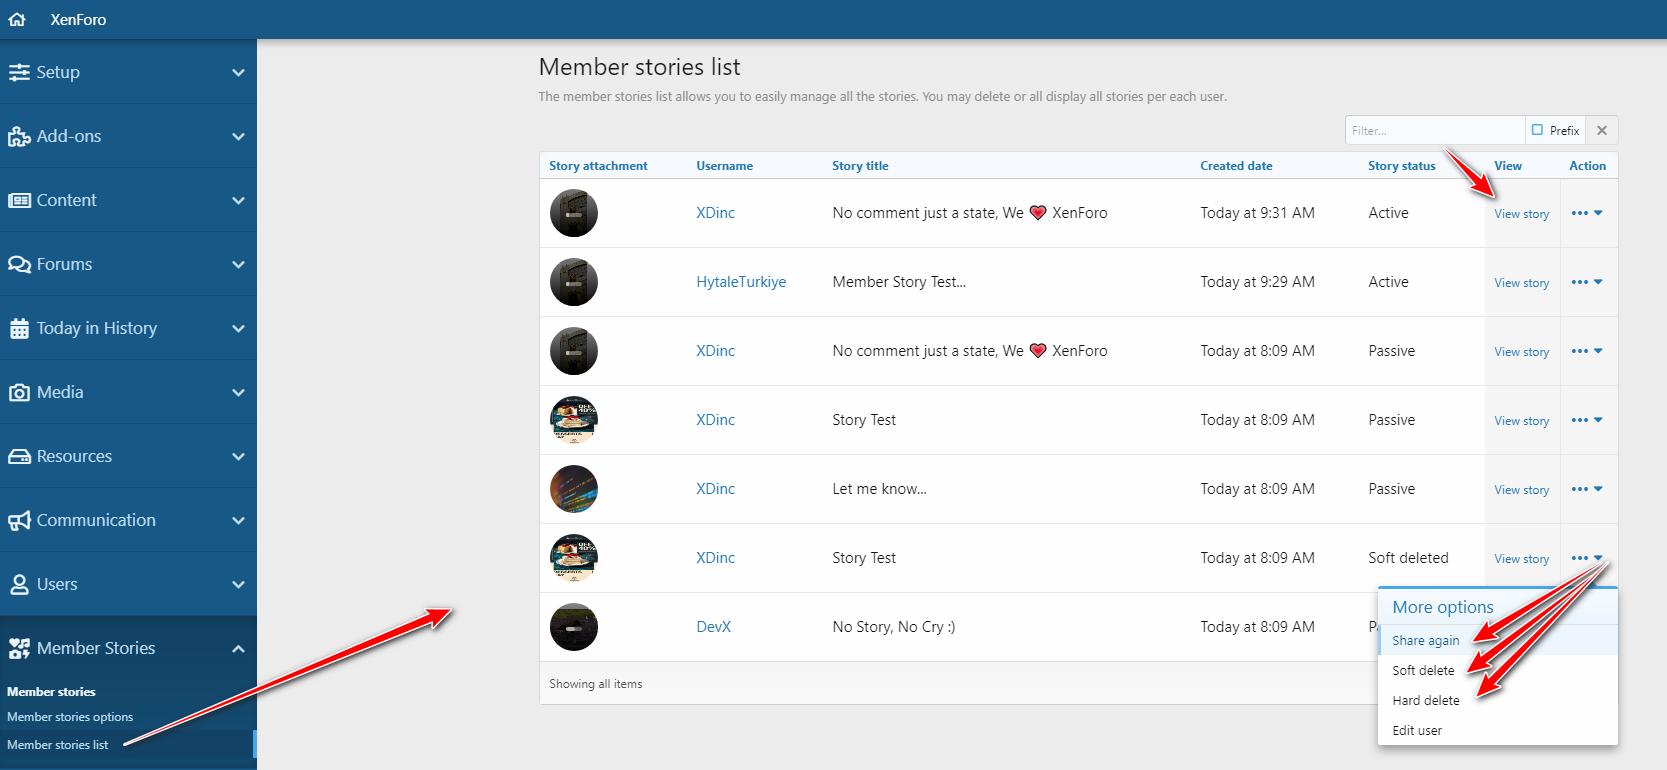 member_stories_acp_list-png.5293